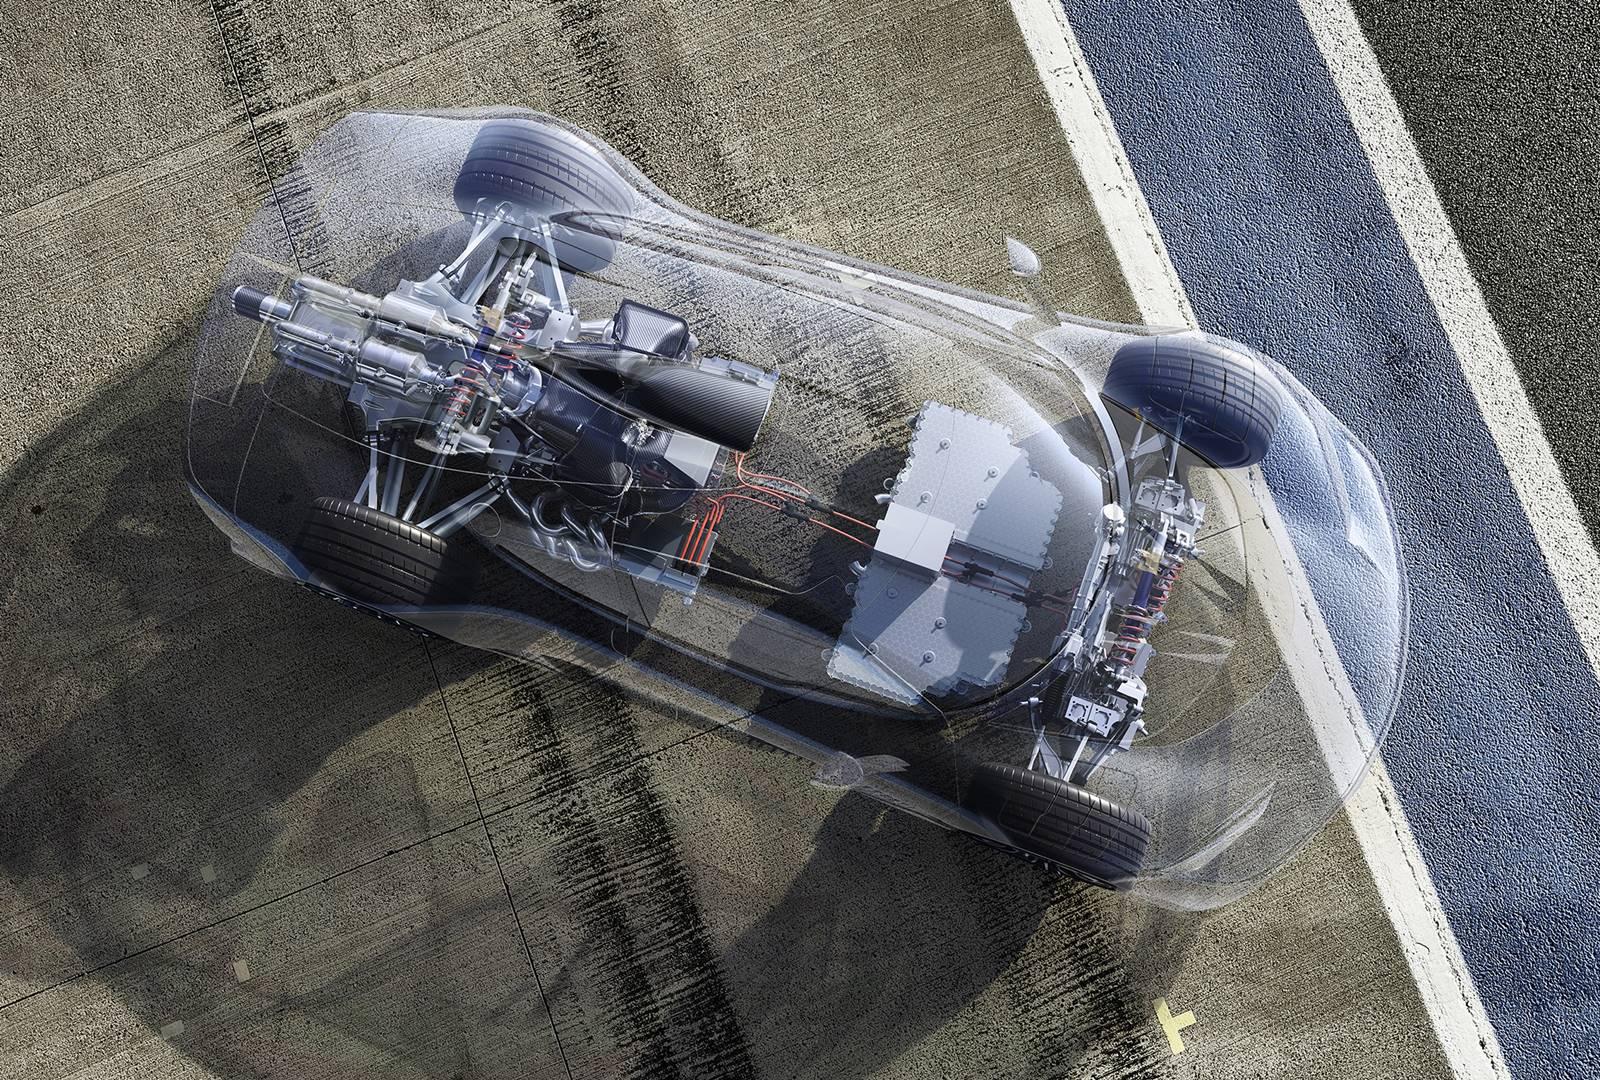 Weltpremiere Showcar Mercedes Amg Project One: Mercedes Amg Bringt Formel 1 Technologie Für Die Straße